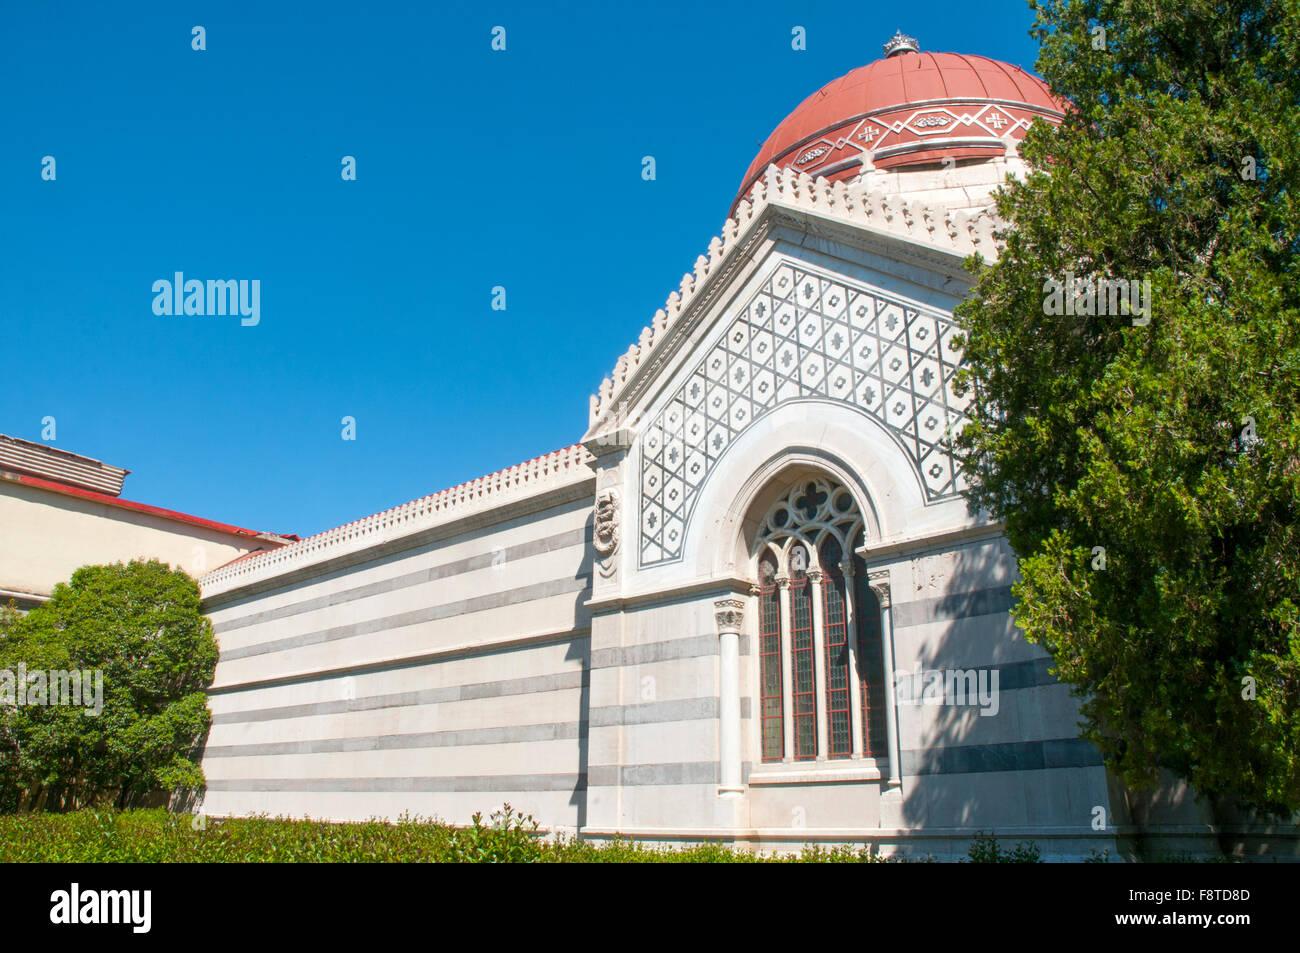 Panteon de Hombres Ilustres. Madrid, Spain. Stock Photo